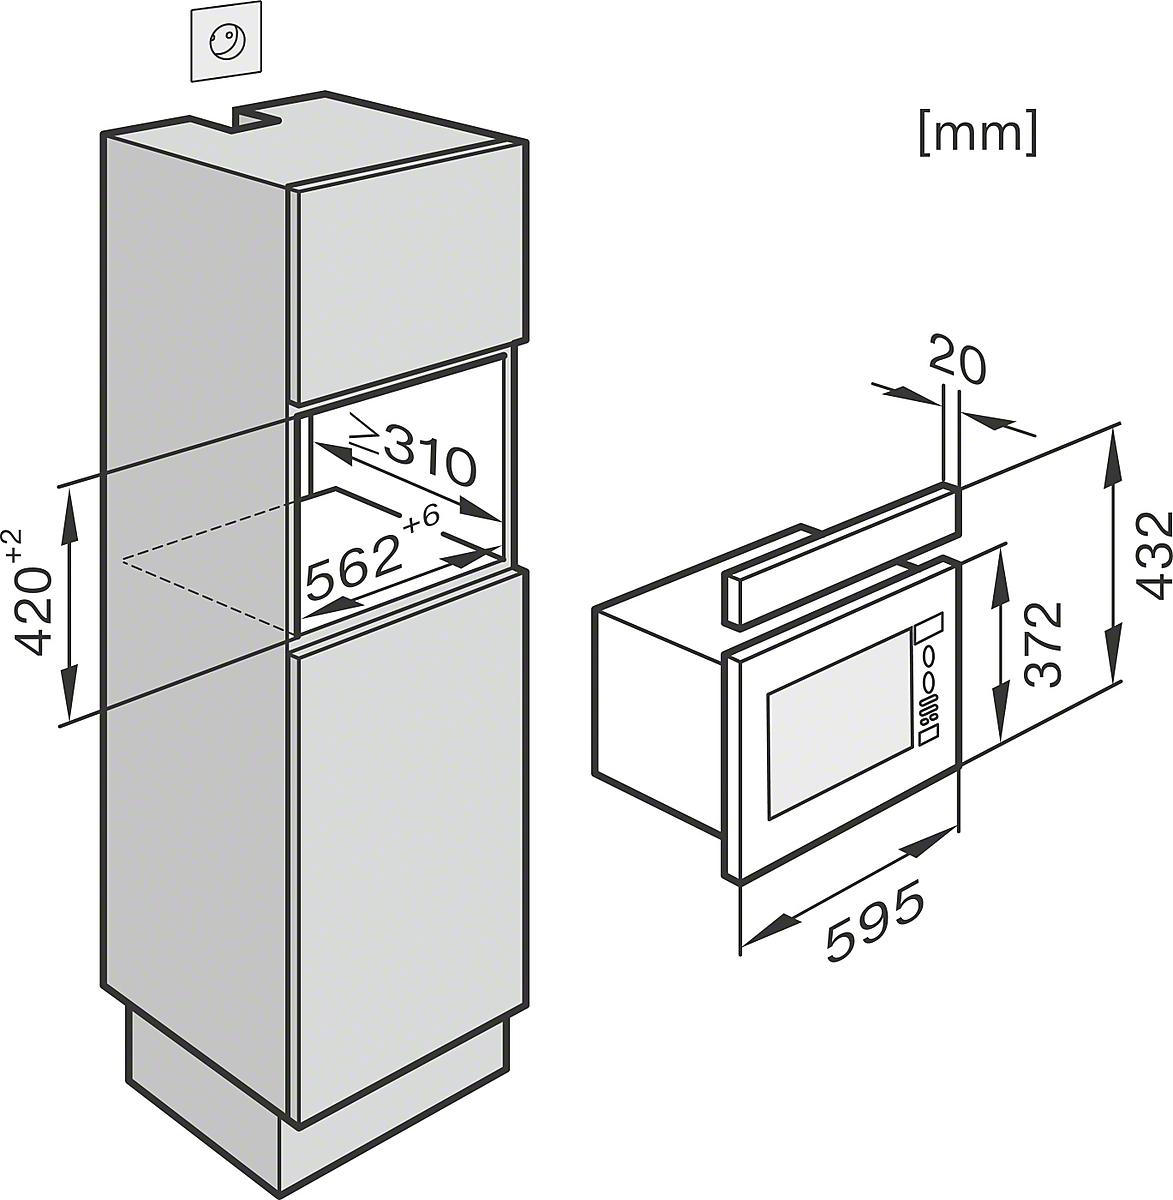 einbauskizzen mit automatikprogrammen f r beste ergebnisse. Black Bedroom Furniture Sets. Home Design Ideas